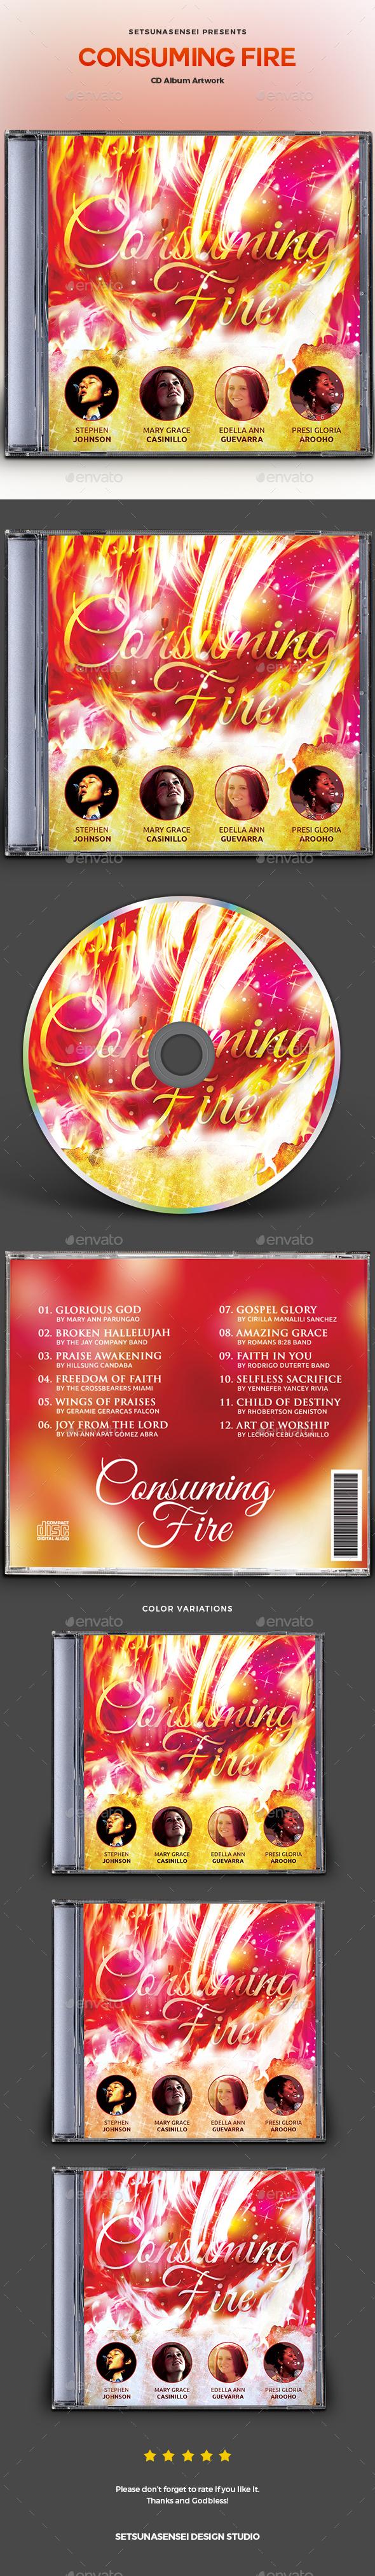 GraphicRiver Consuming Fire CD Album Artwork 20754109